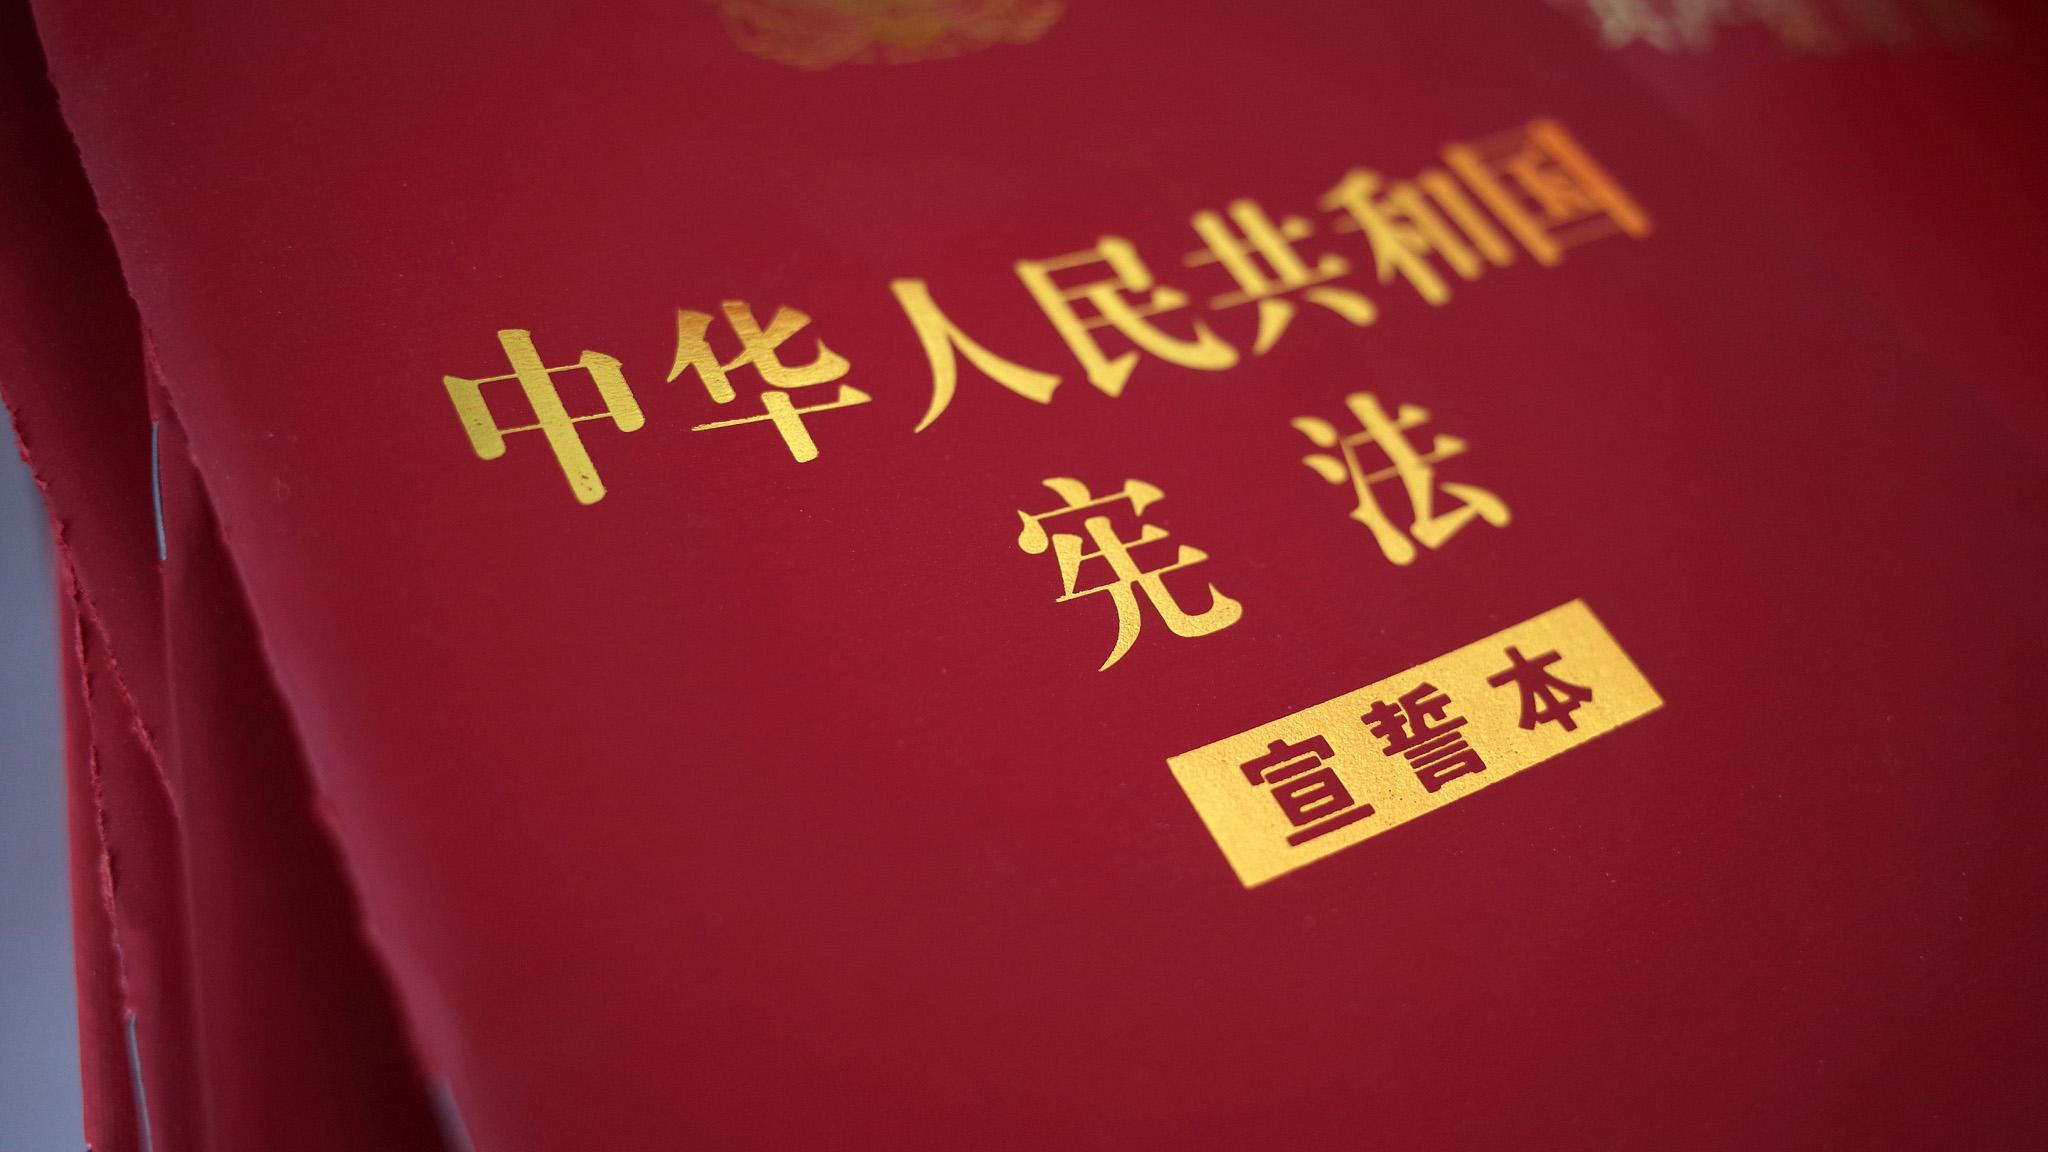 全国人大常委会修订宪法宣誓制度 新誓词公布